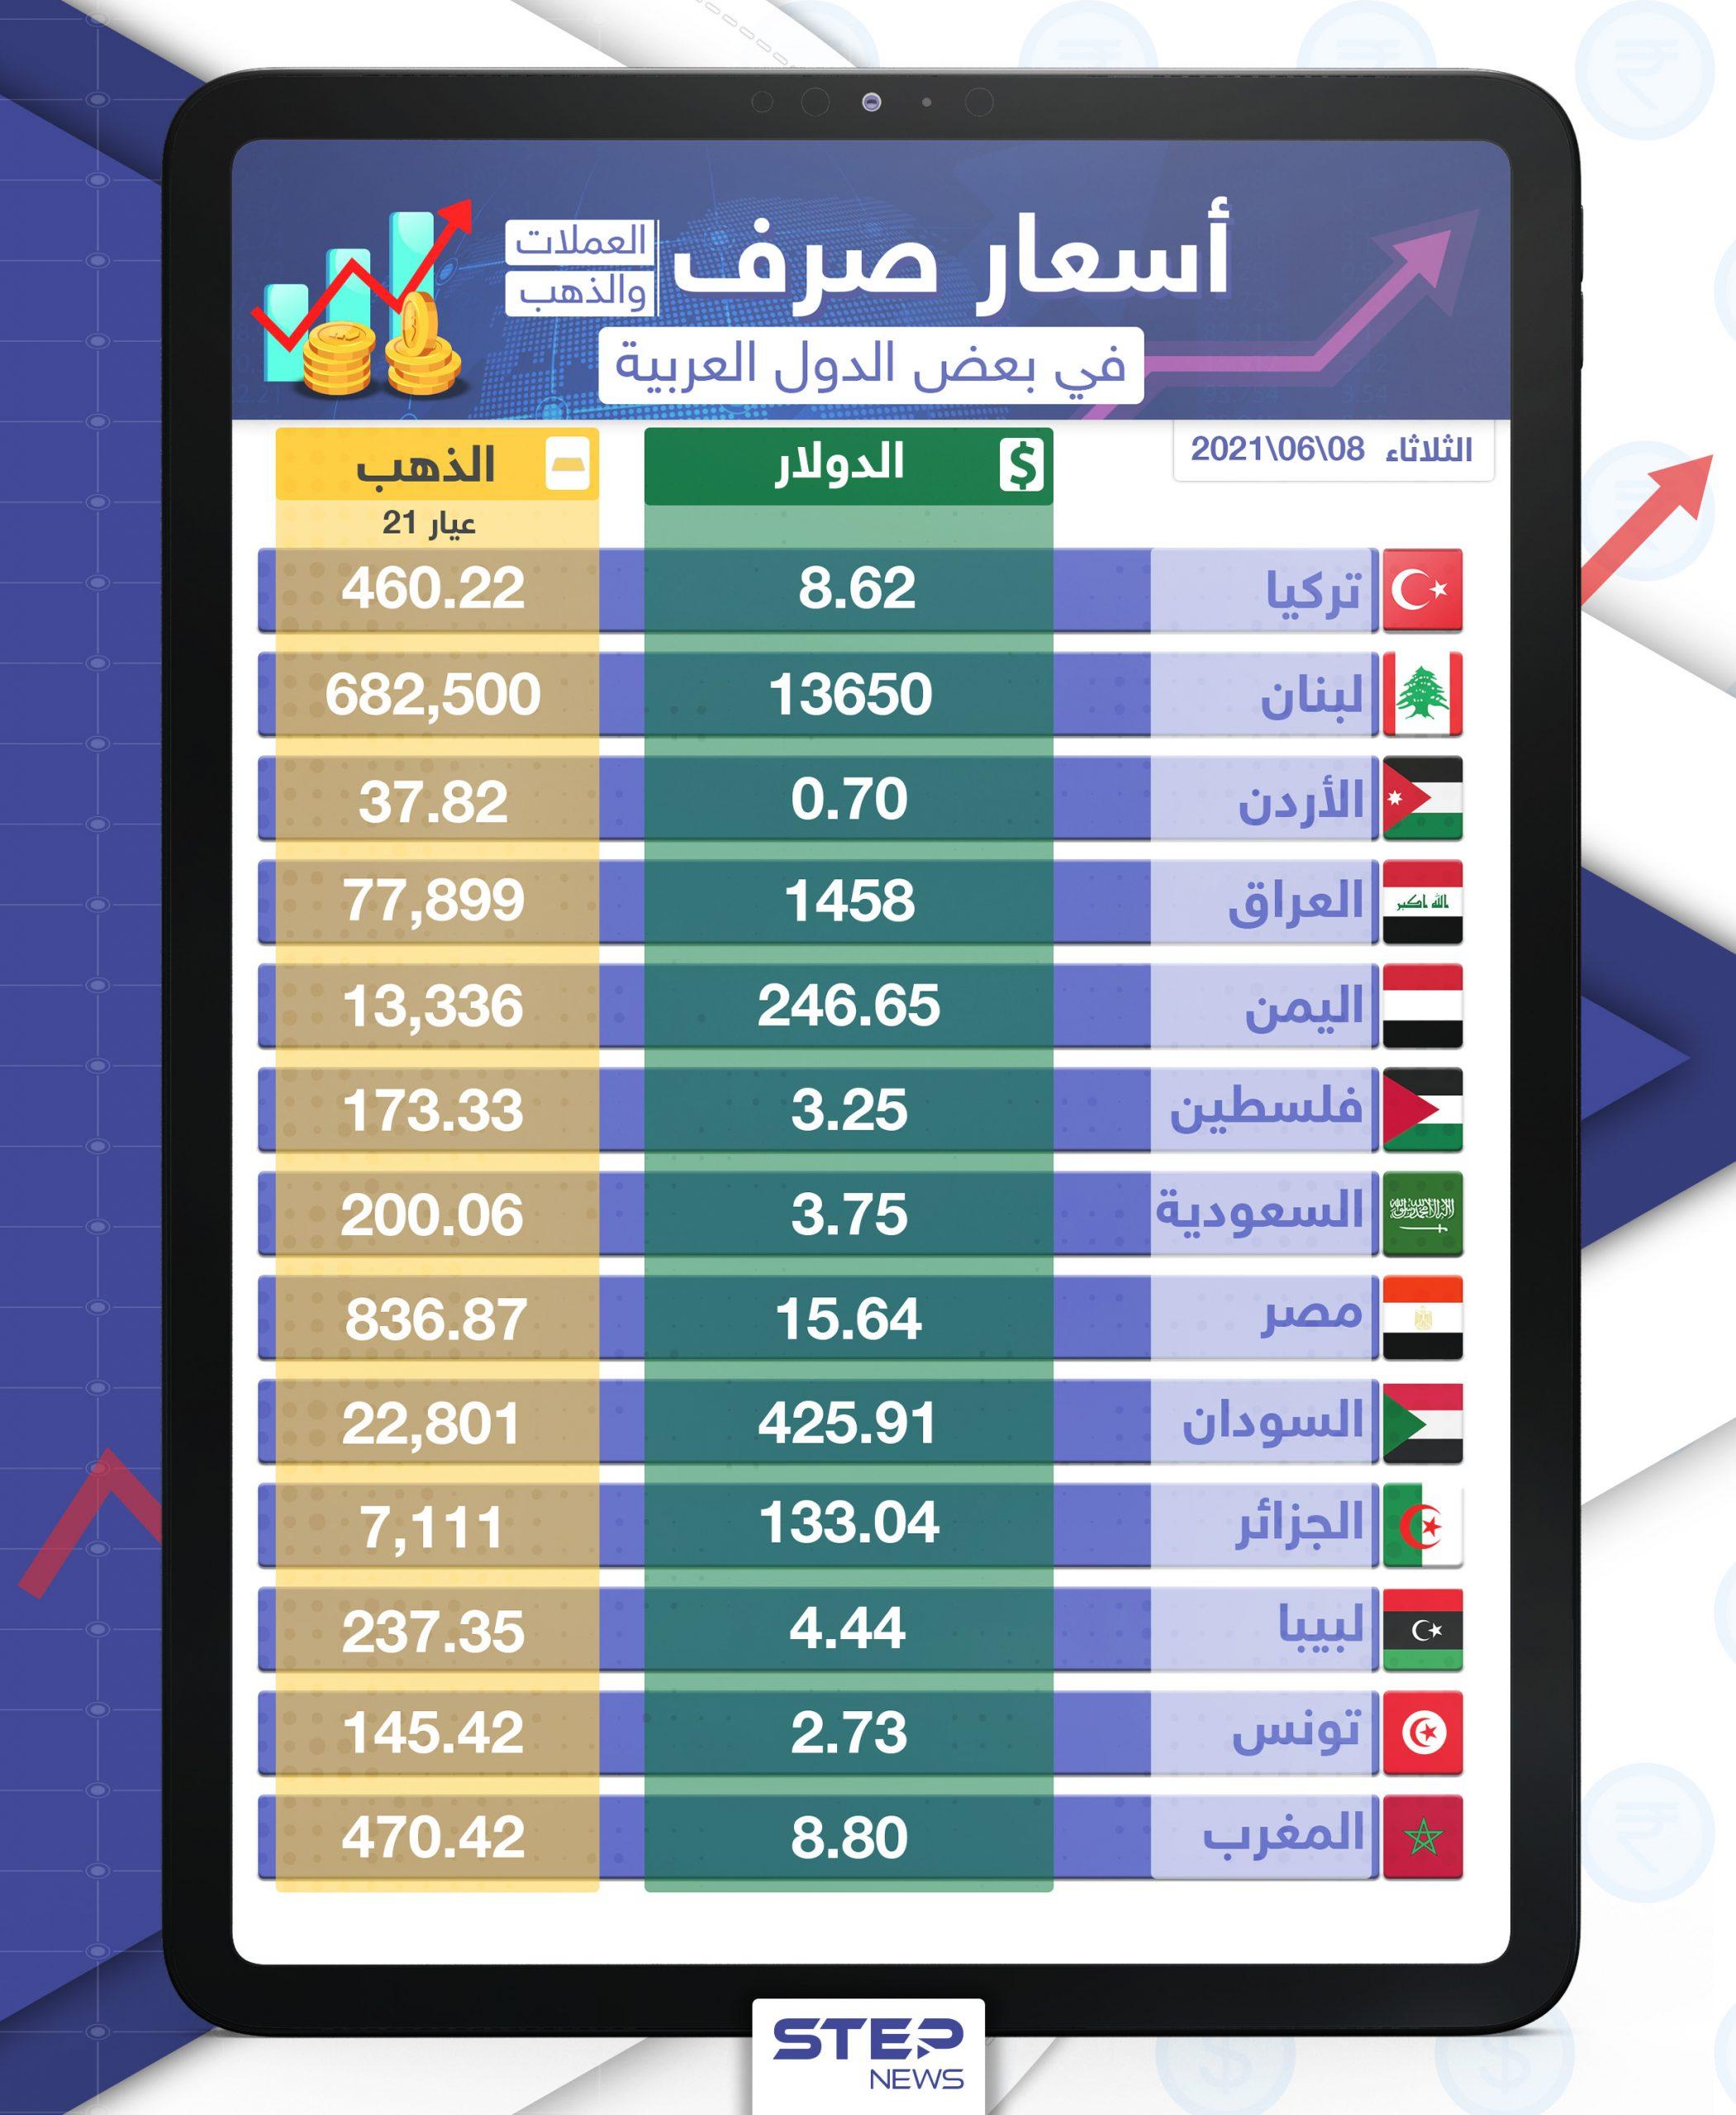 أسعار الذهب والعملات للدول العربية وتركيا اليوم الثلاثاء الموافق 08 حزيران 2021